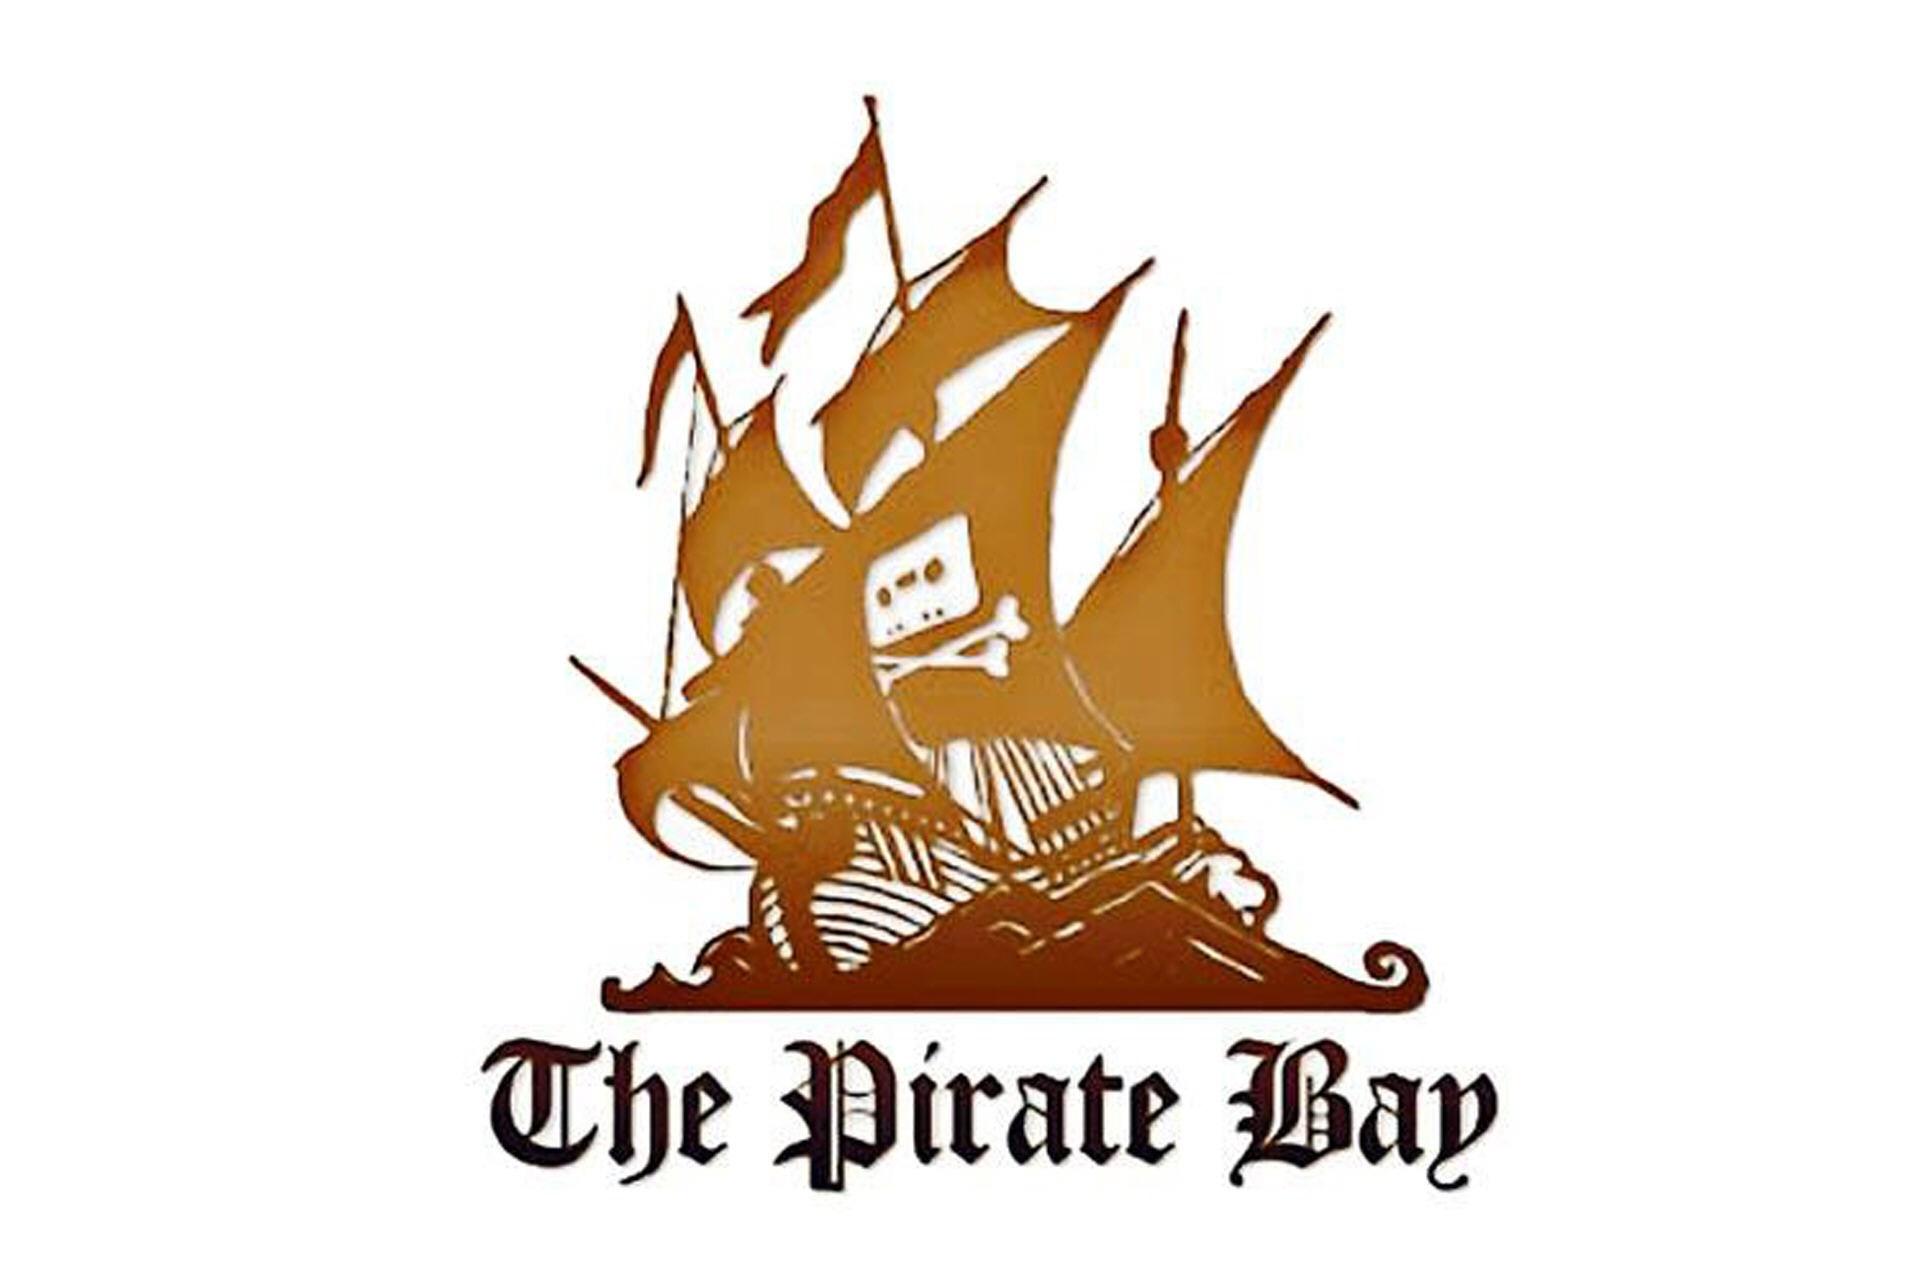 Comisia Europeana spune ca inchiderea site-urilor de piraterie este inutila